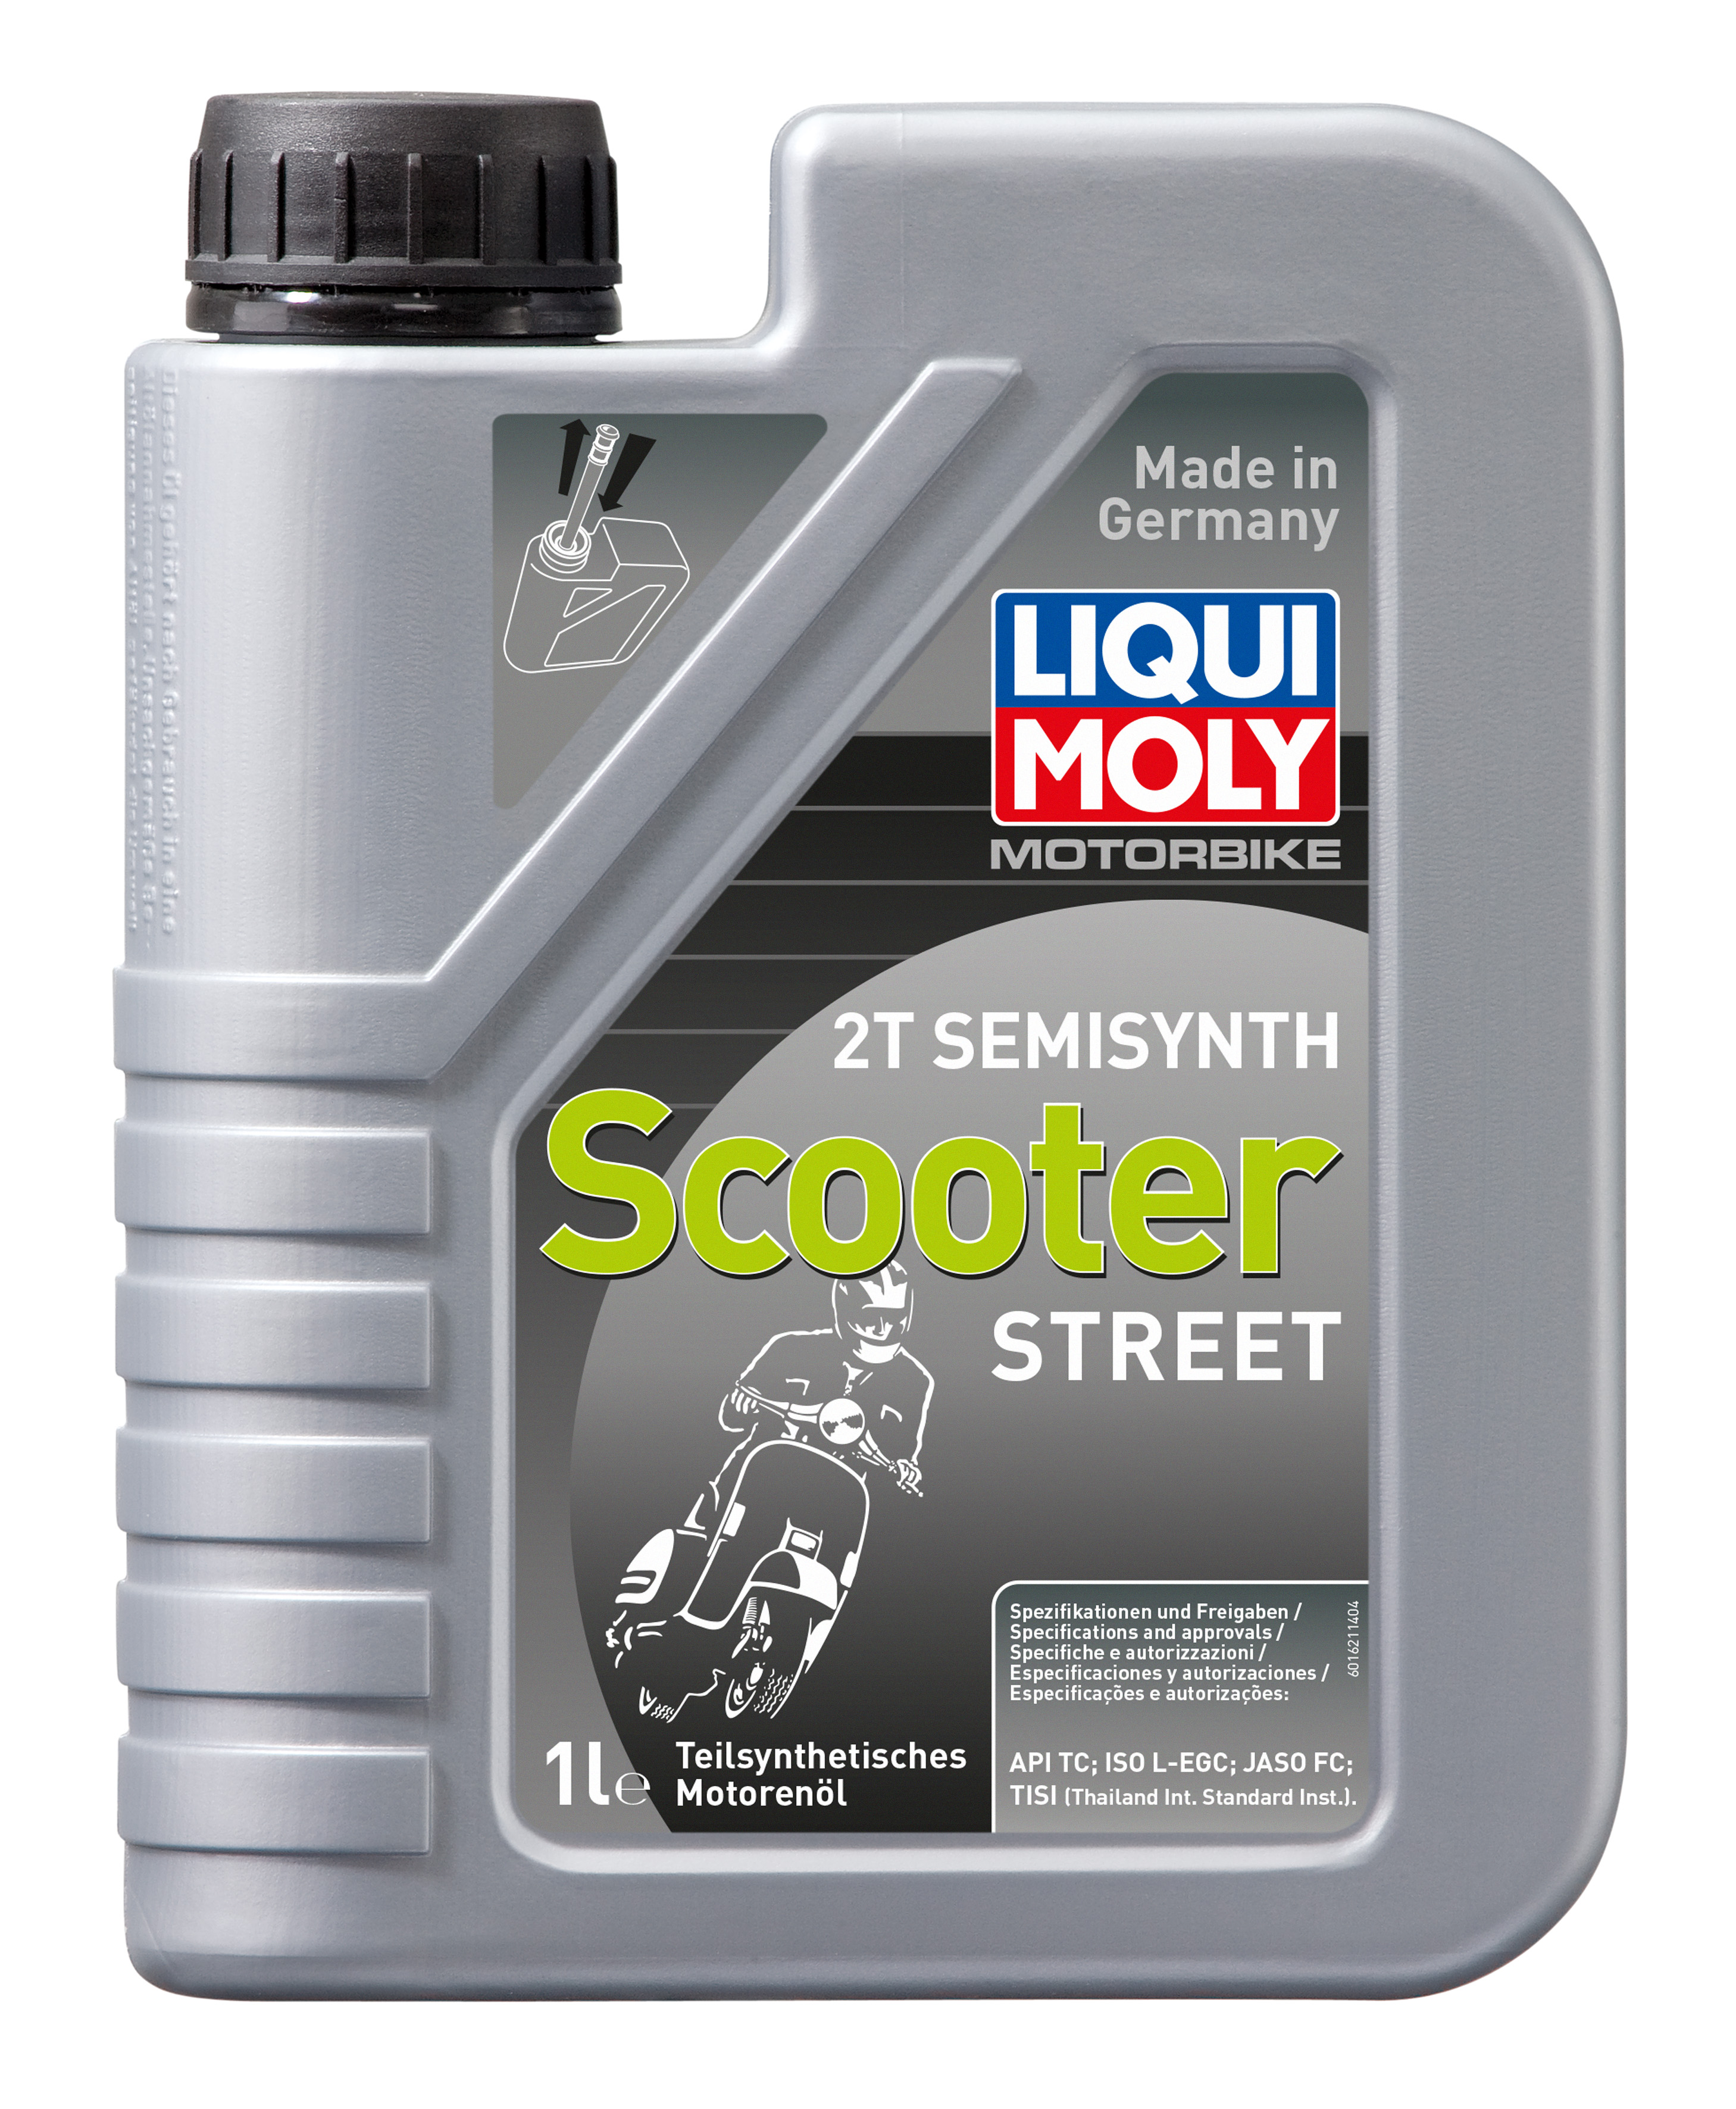 Полусинтетическое моторное масло для скутеров Motorbike 2T Semisynth Scooter